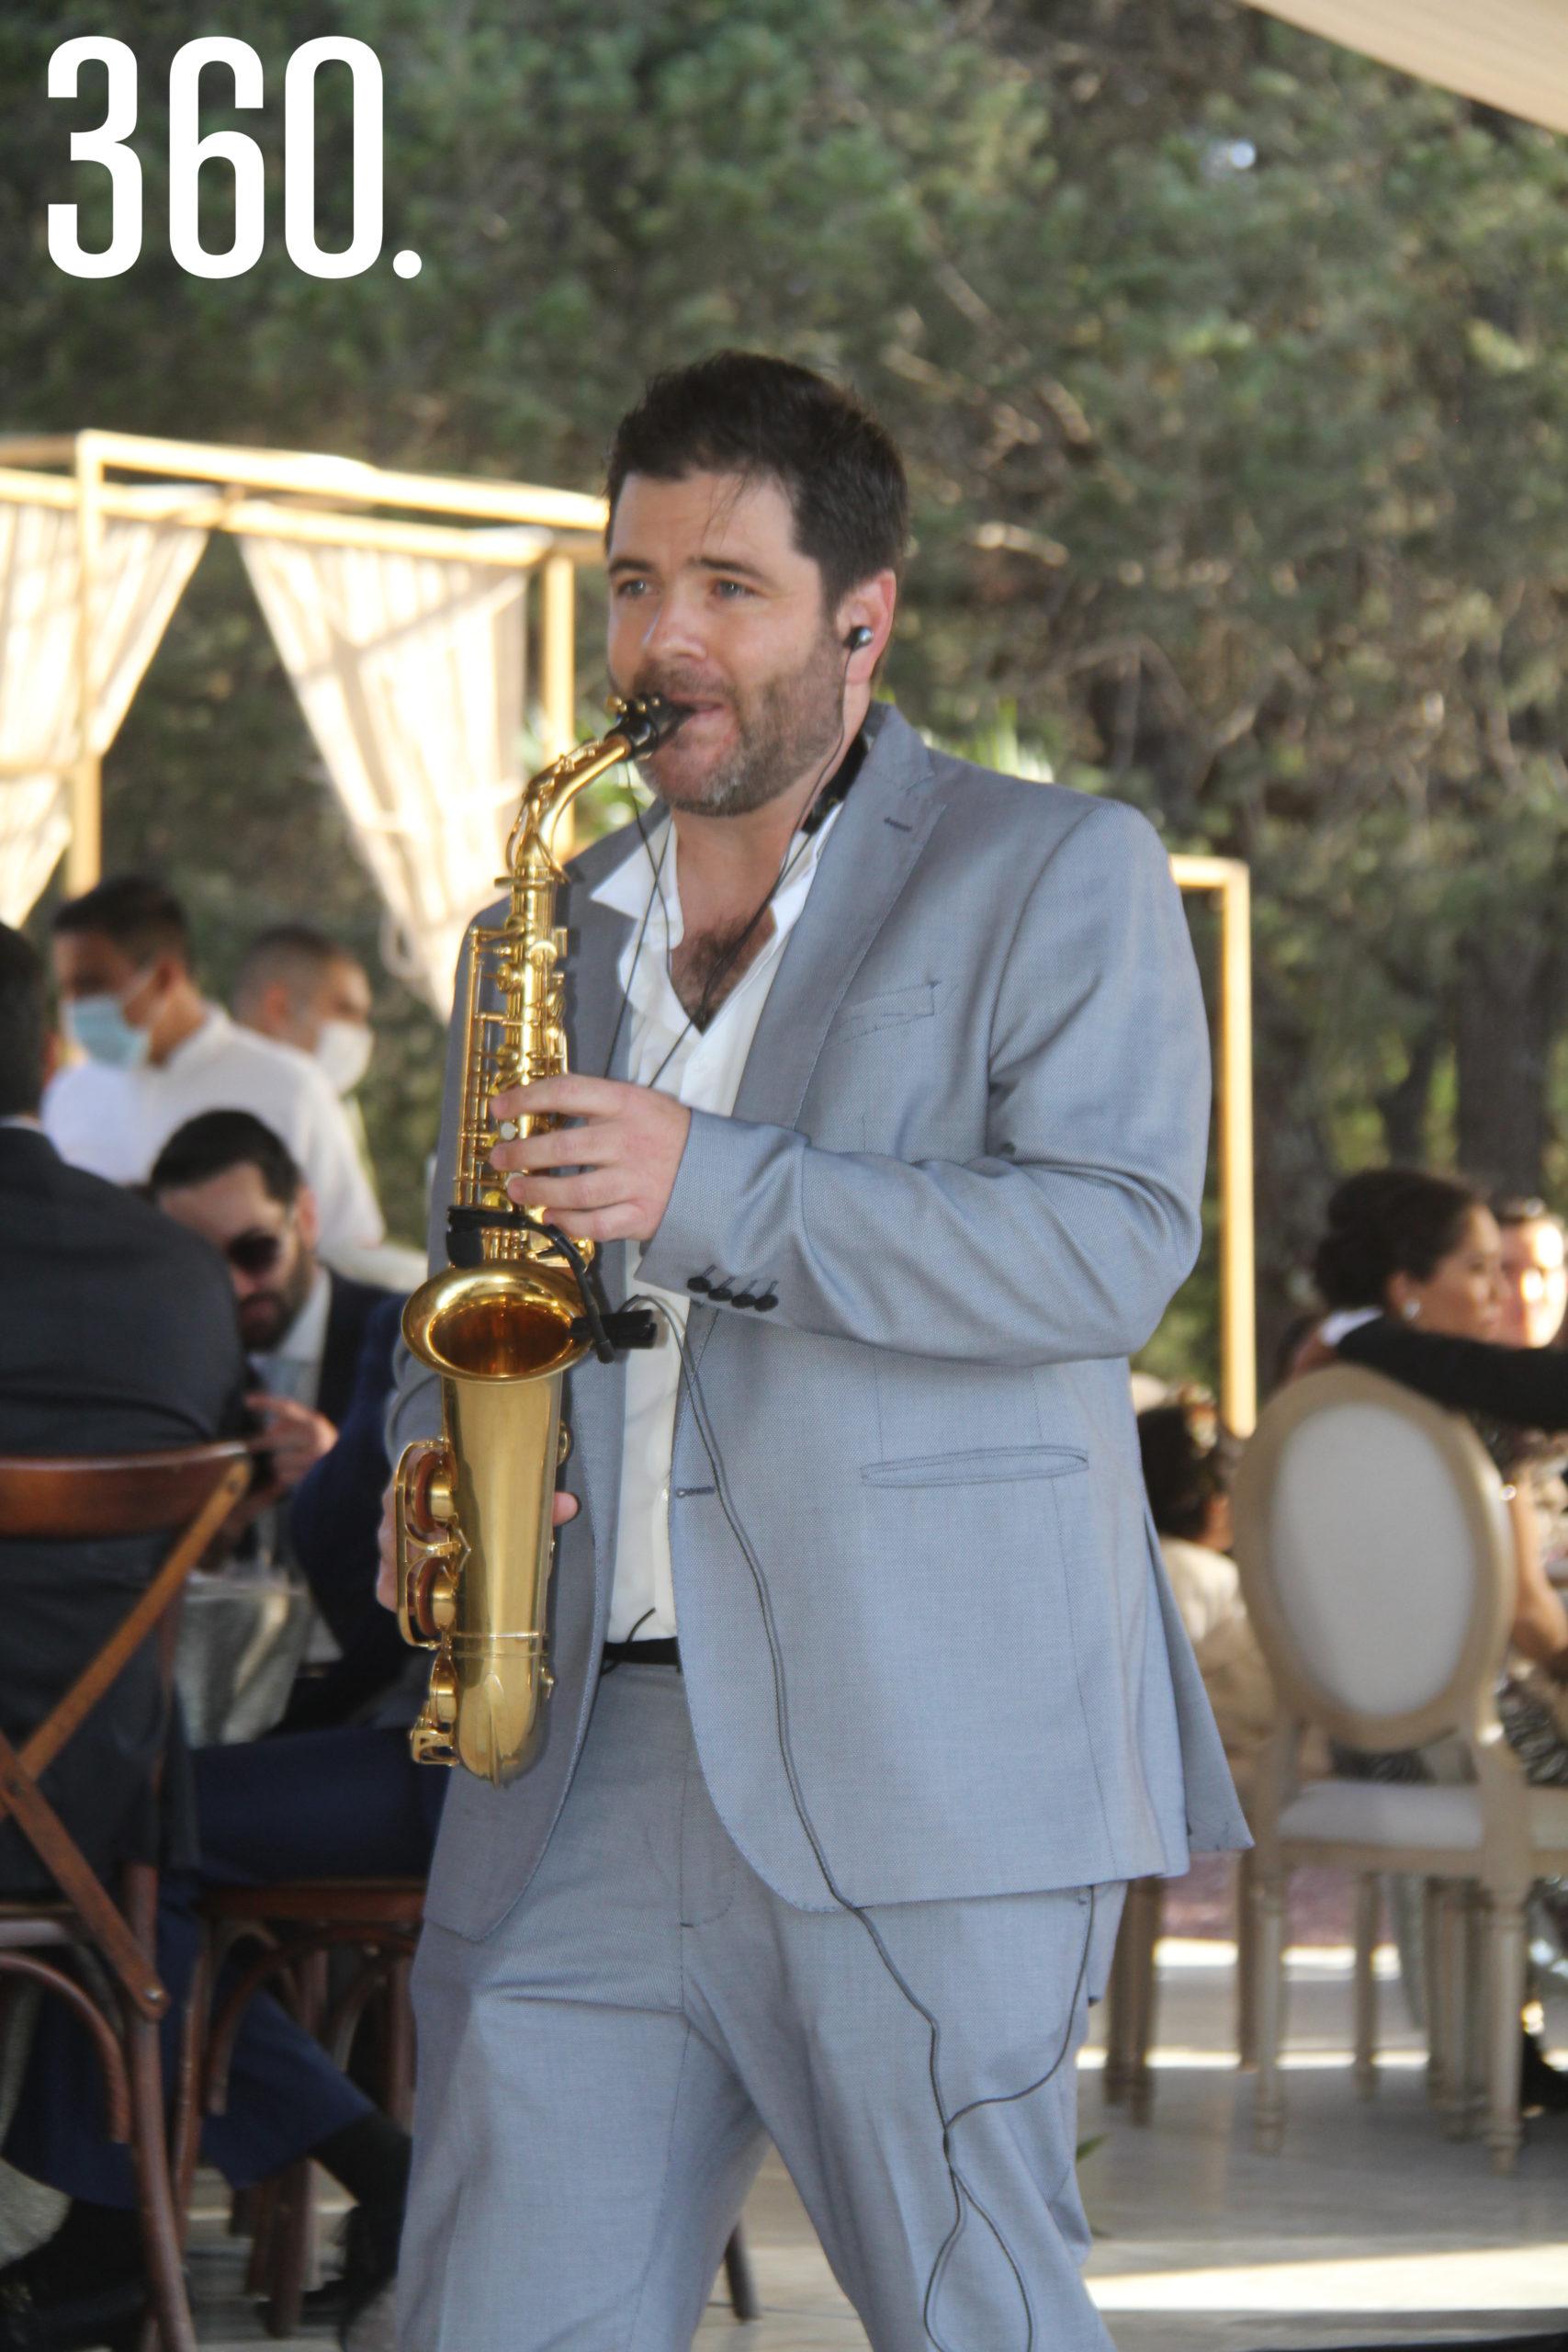 El saxofonista Mauricio González interpretó diversos temas musicales en la boda de Jorge y Valeria.